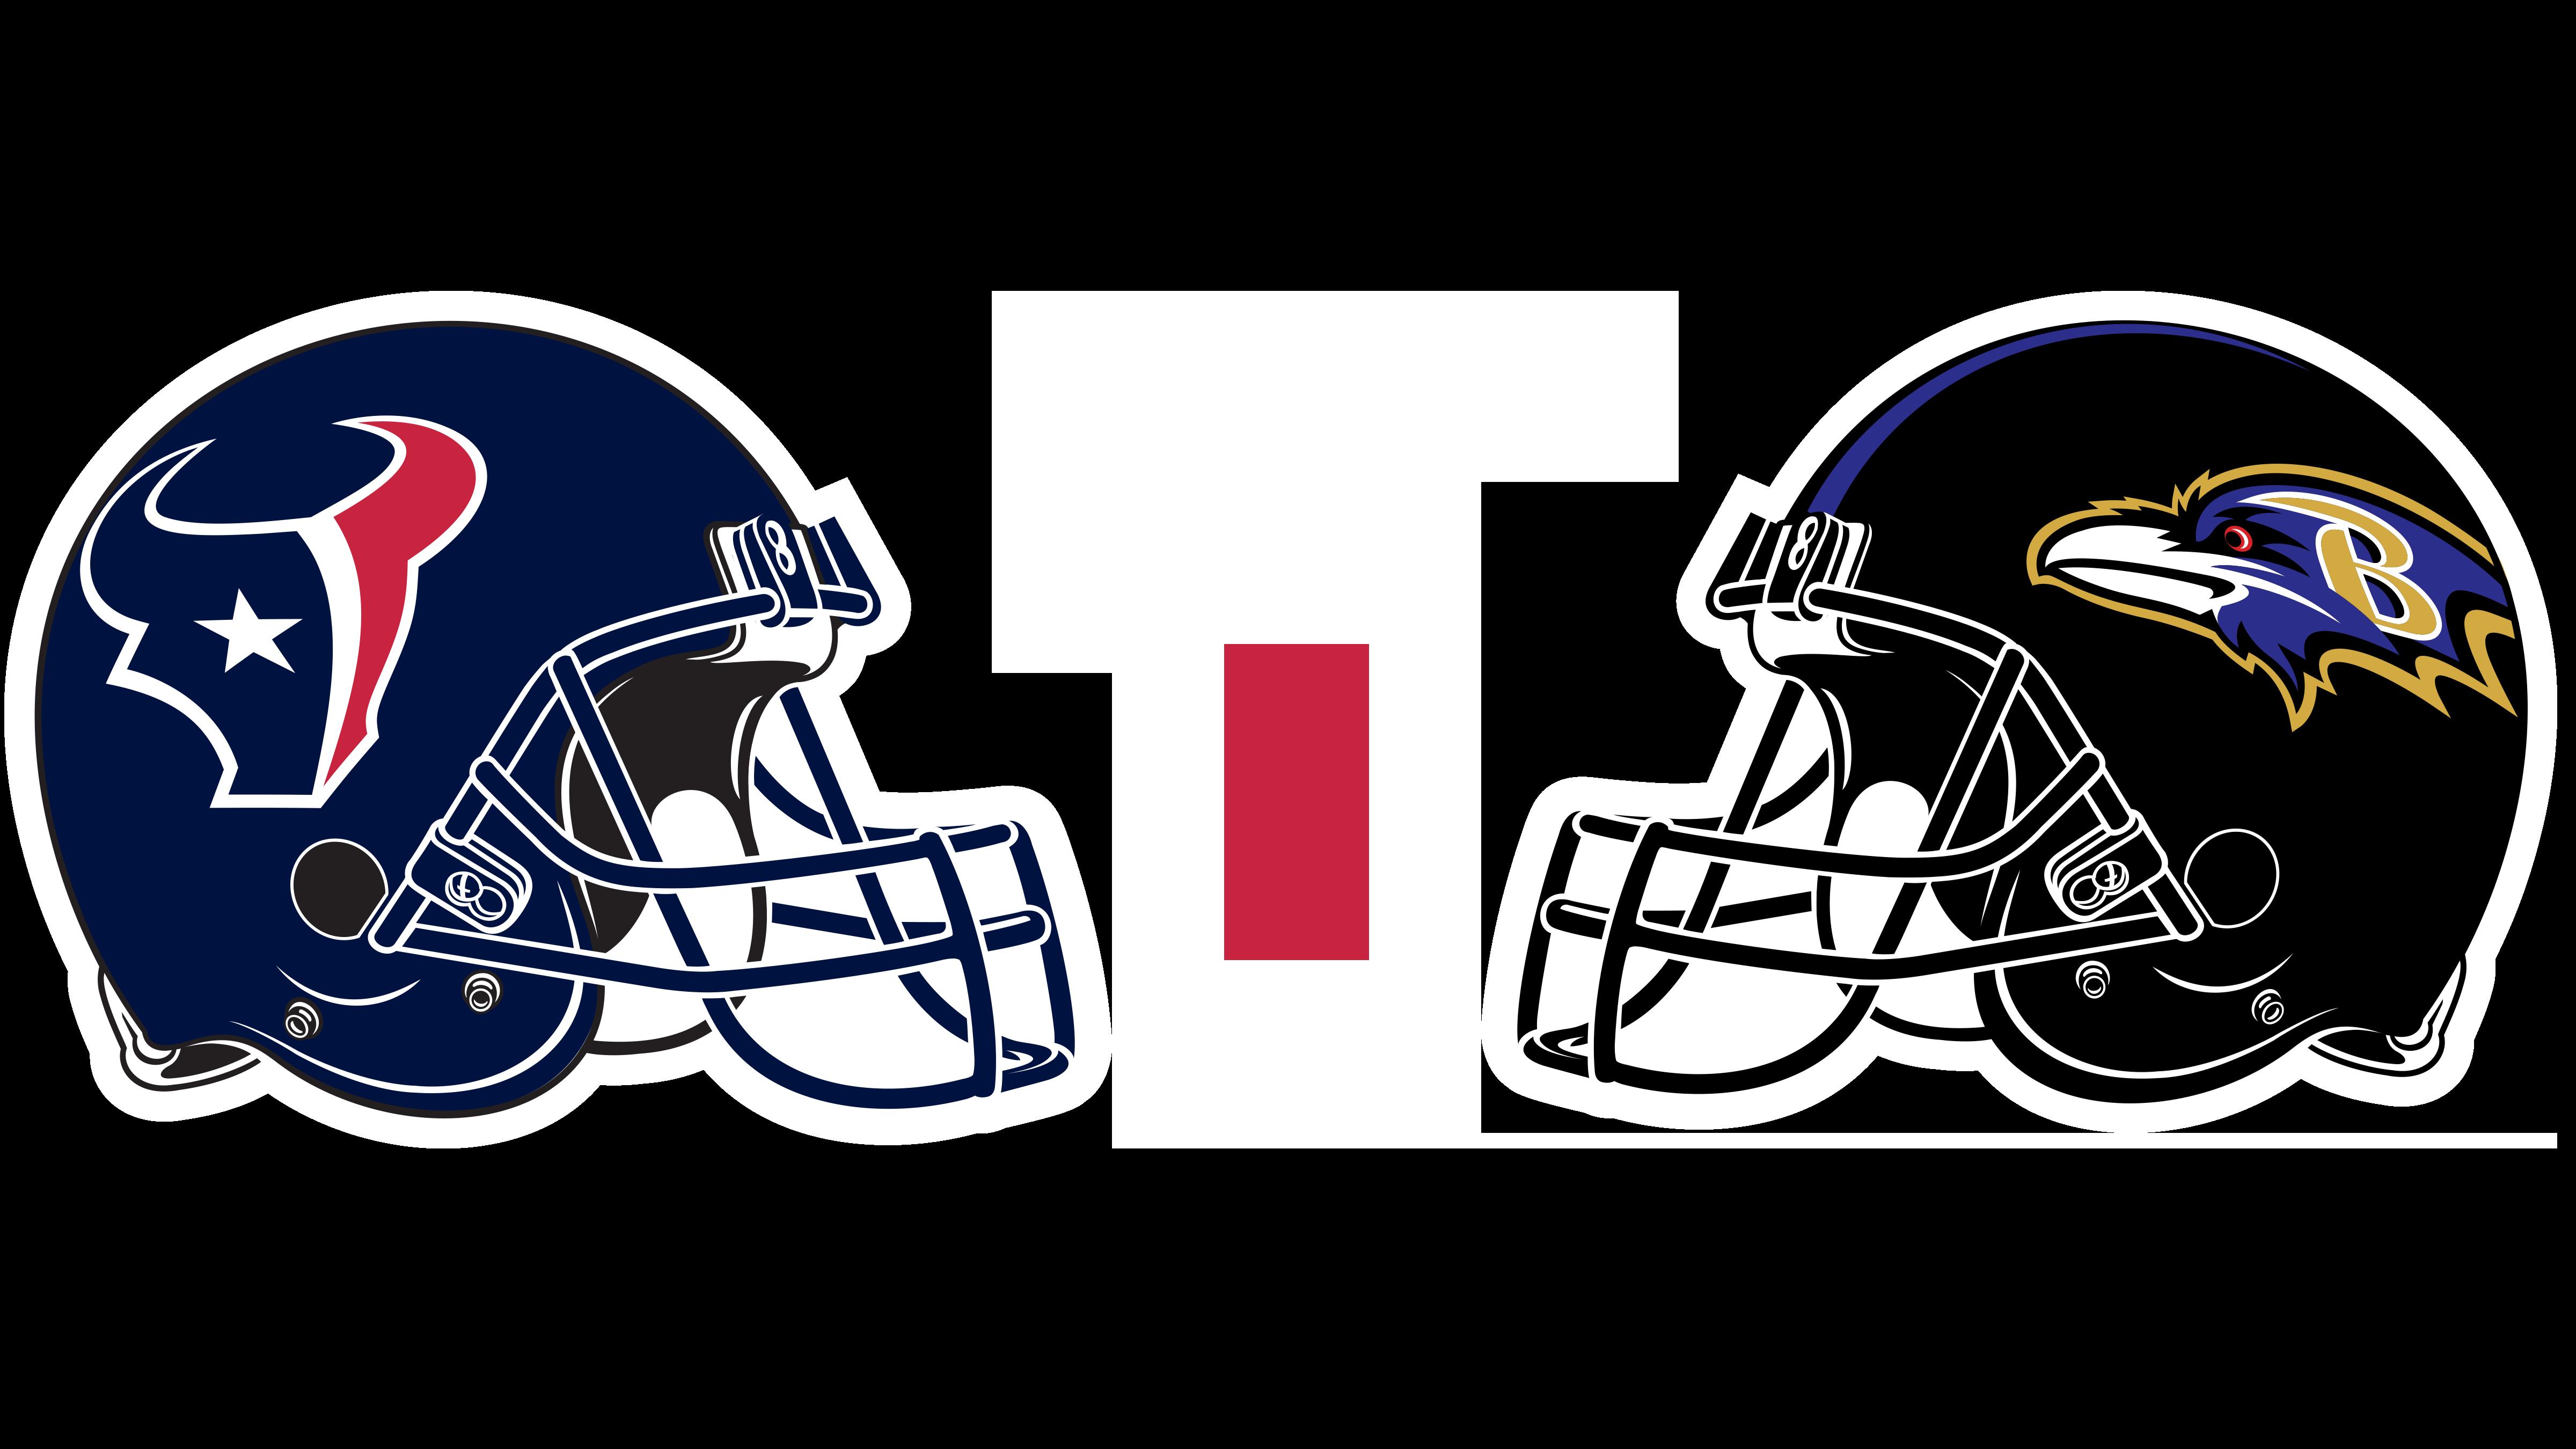 Houston Texans helmet and Baltimore Ravens helmet